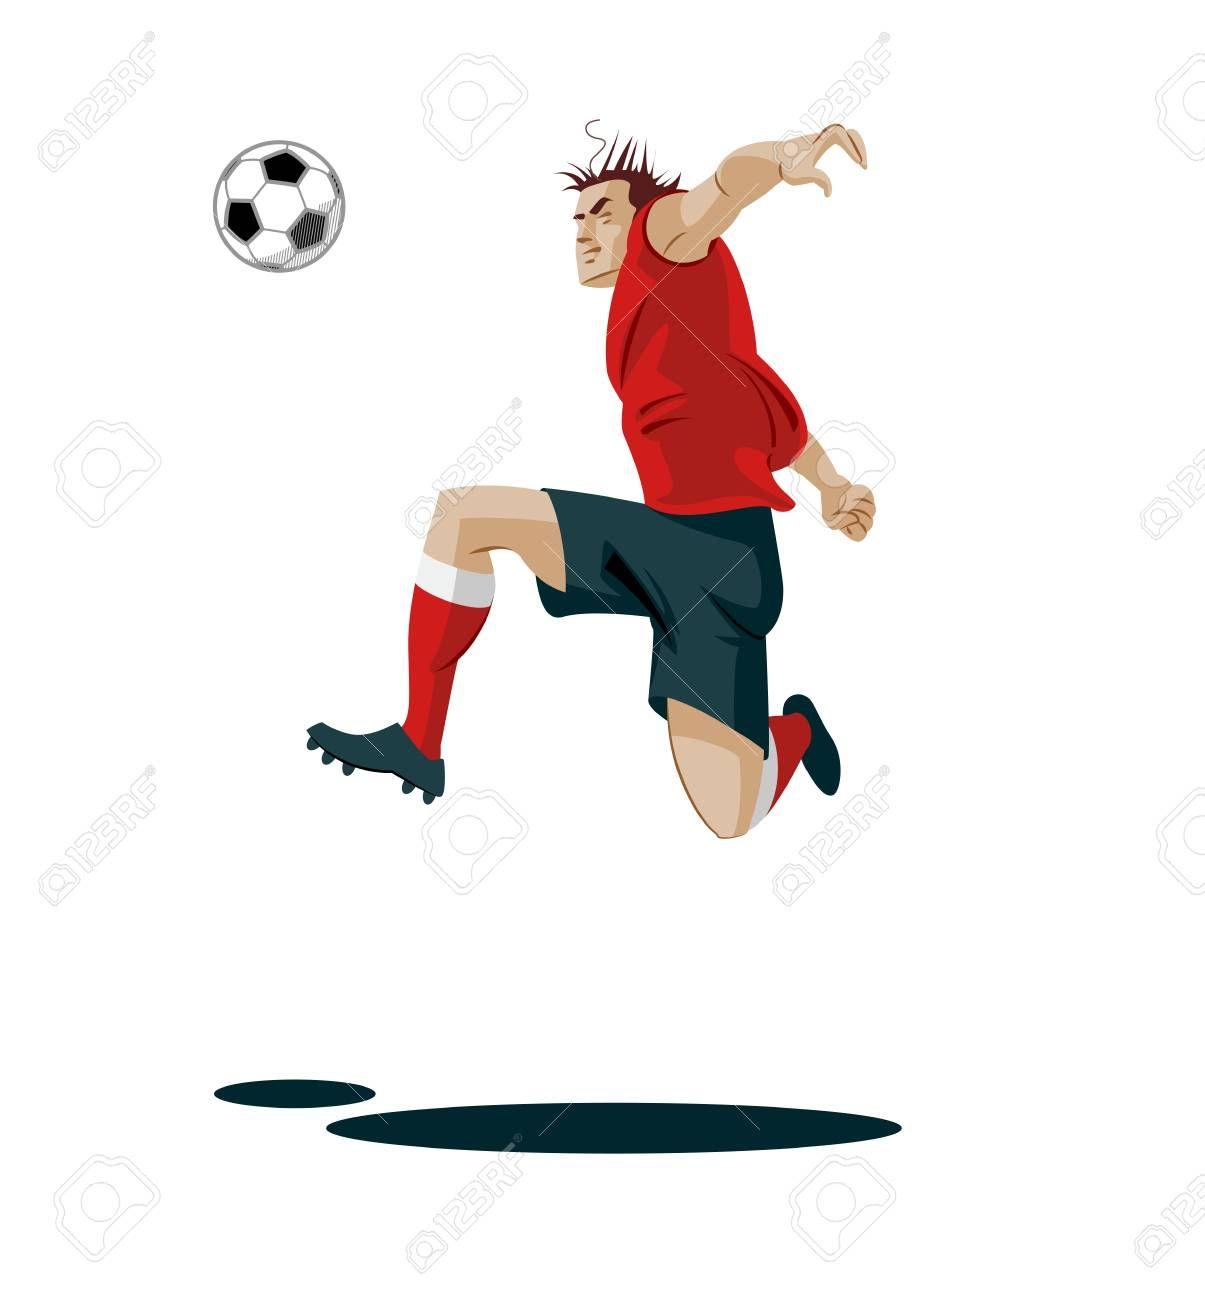 Soccer Player Kicking Ball Vector Illustration Ad Kicking Player Soccer Illustration Vector Disney Characters Disney Princess Character